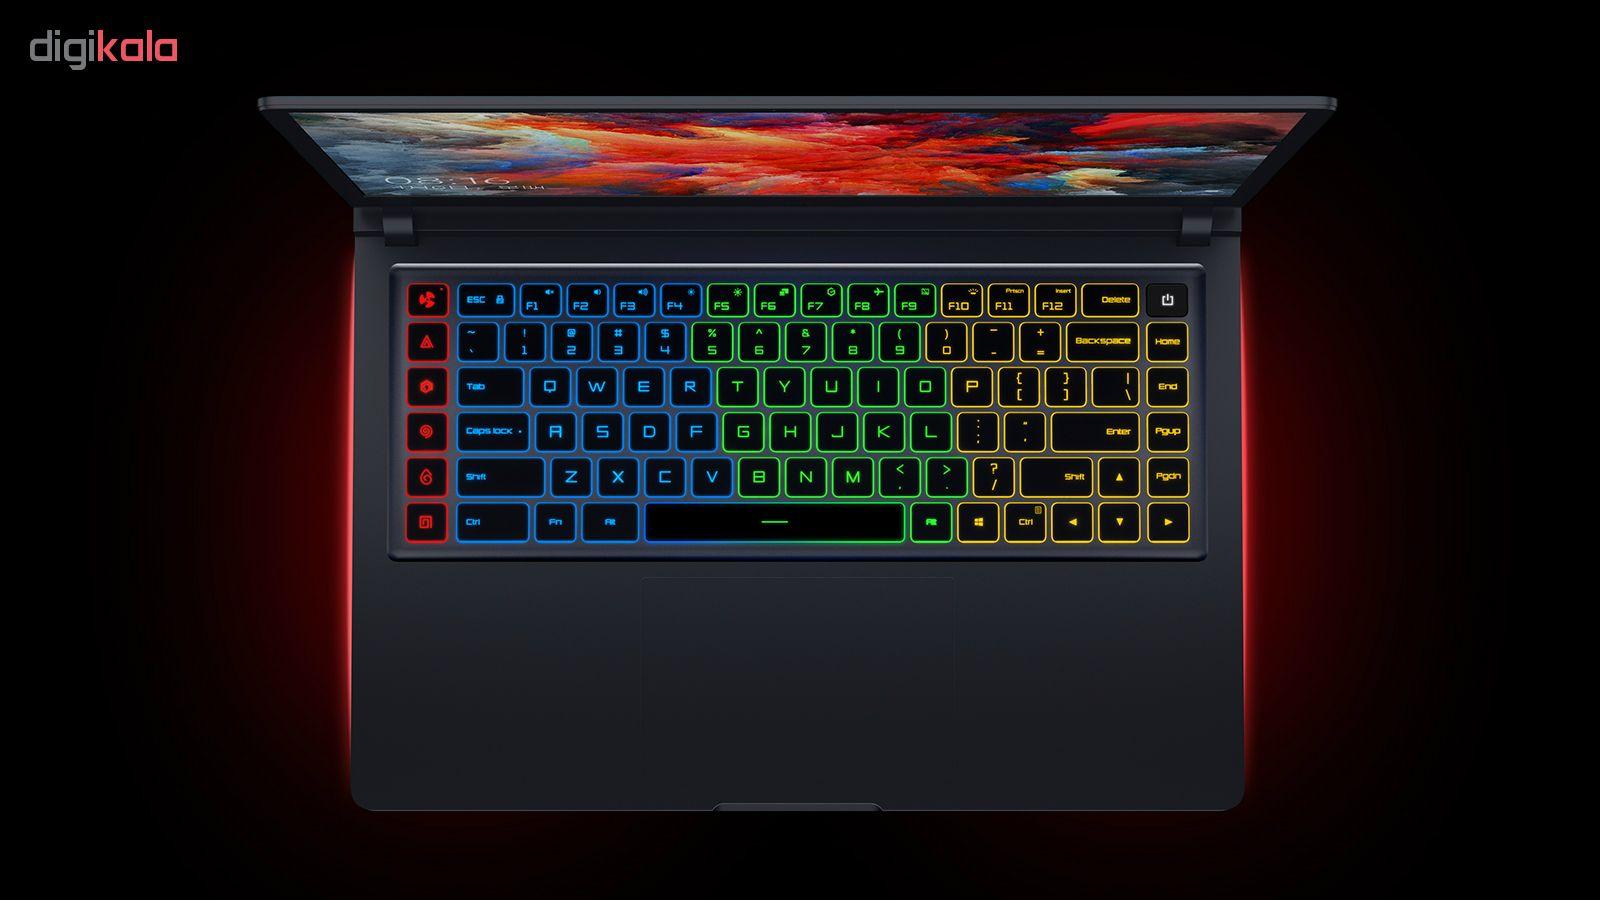 لپ تاپ 15.6 اینچی شیائومی مدل Mi Gaming G57714D6D - V